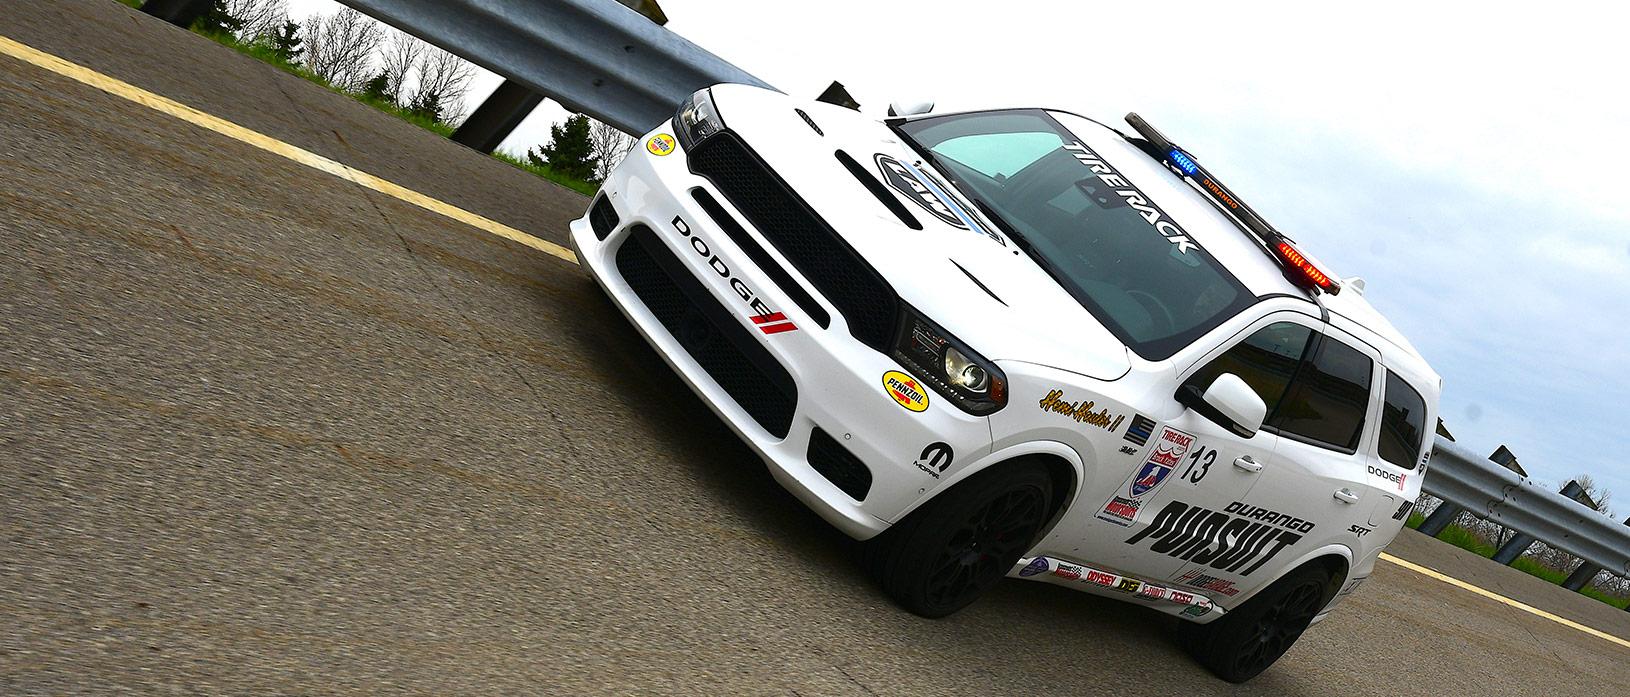 Front view of a Durango SRT Pursuit